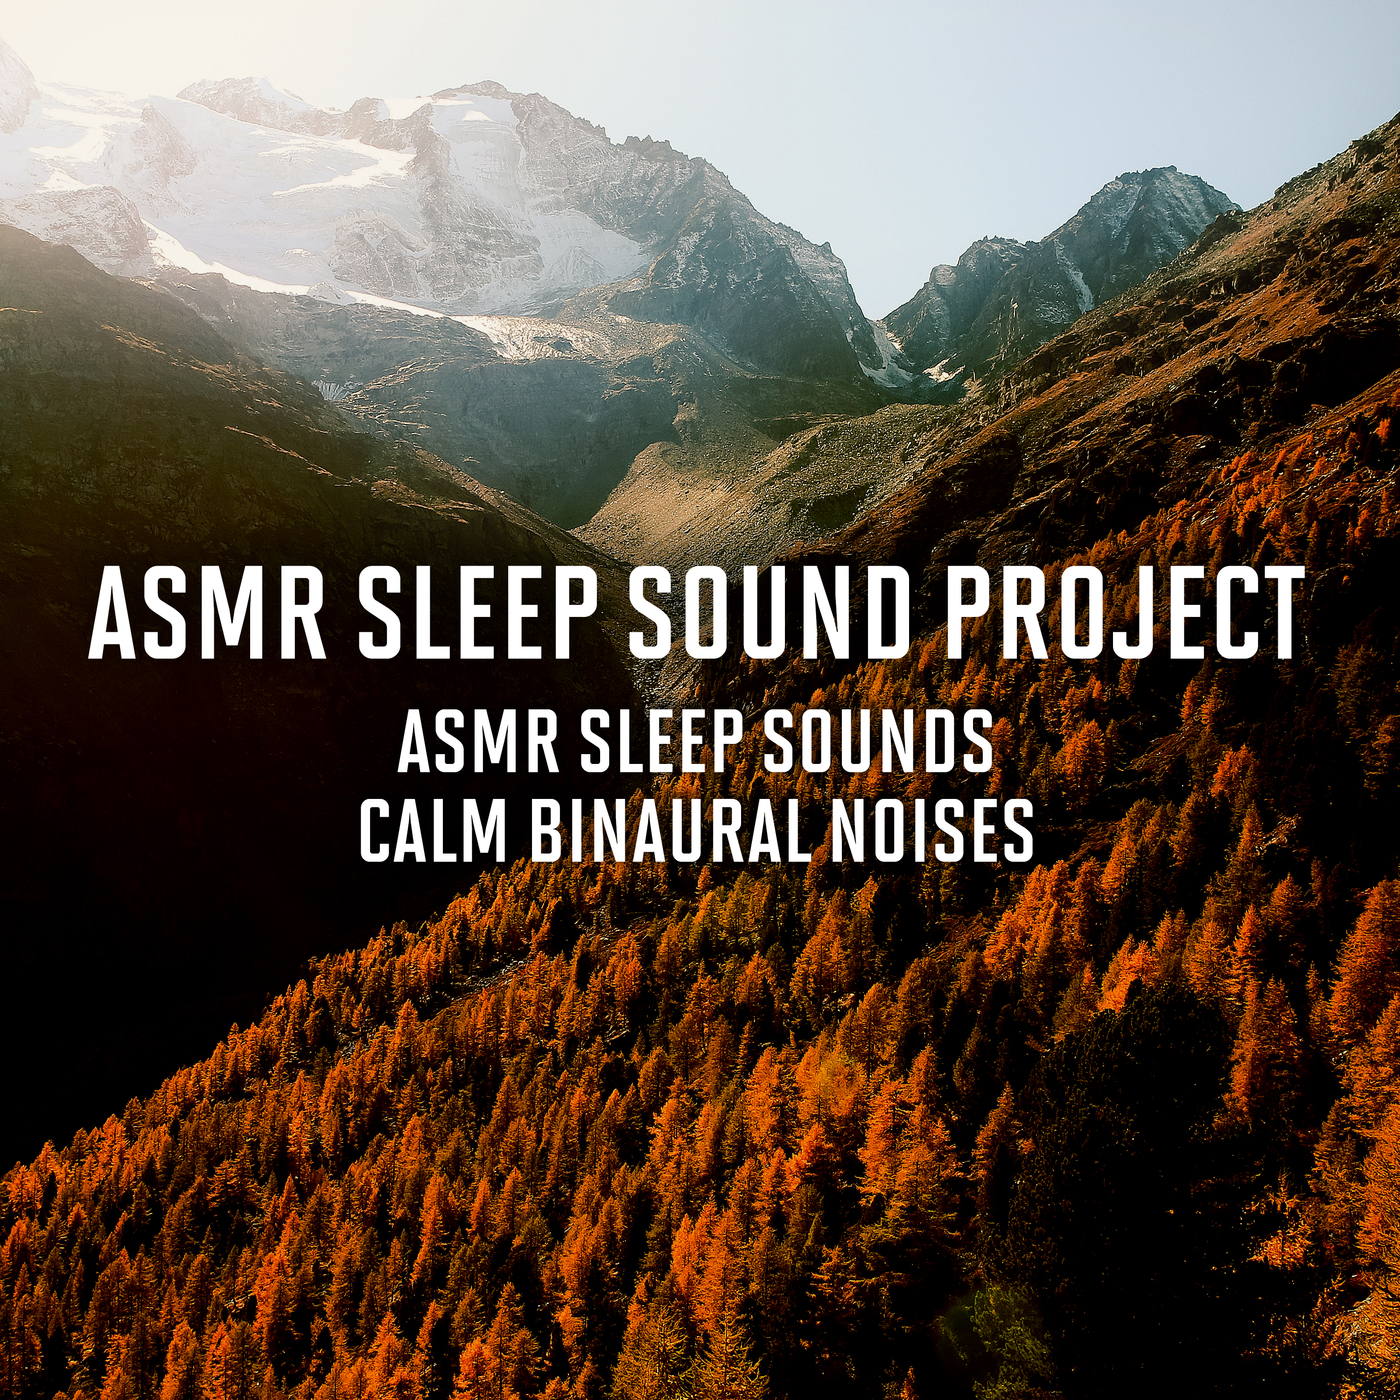 ASMR Sleep Sounds - Calm Binaural Noises - ASMR Sleep Sound Project